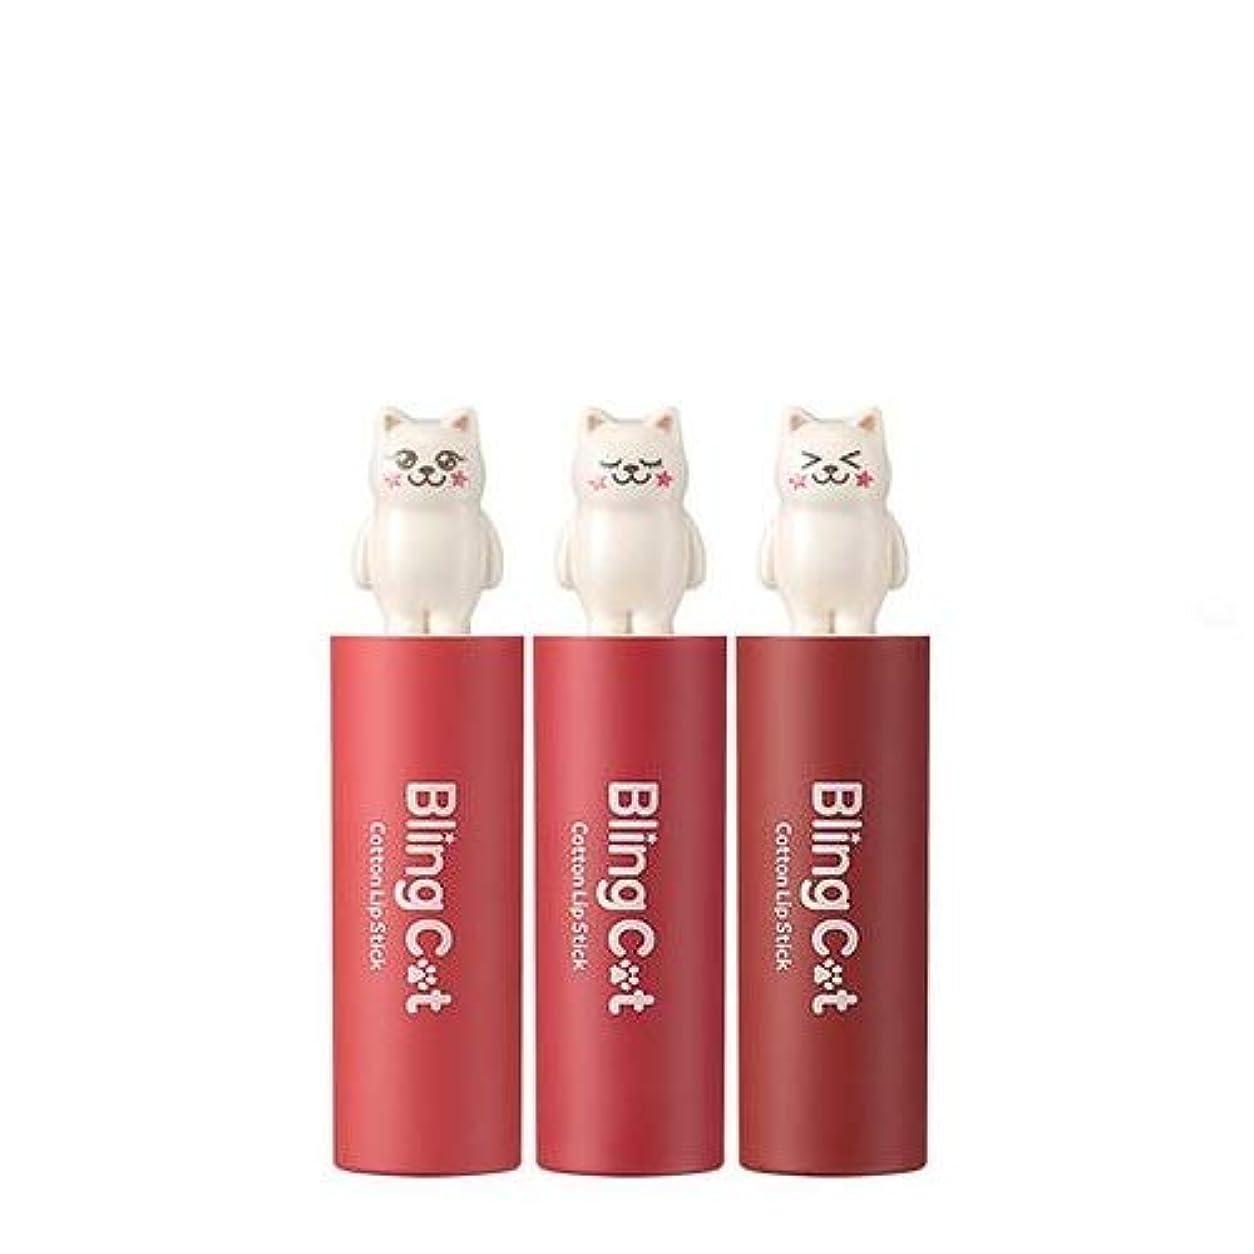 世界の窓トムオードリース司令官トニーモリー ブリングキャット コットン リップスティック 3.4g / TONYMOLY Bling Cat Cotton Lipstick # 02. Heroine Pink [並行輸入品]